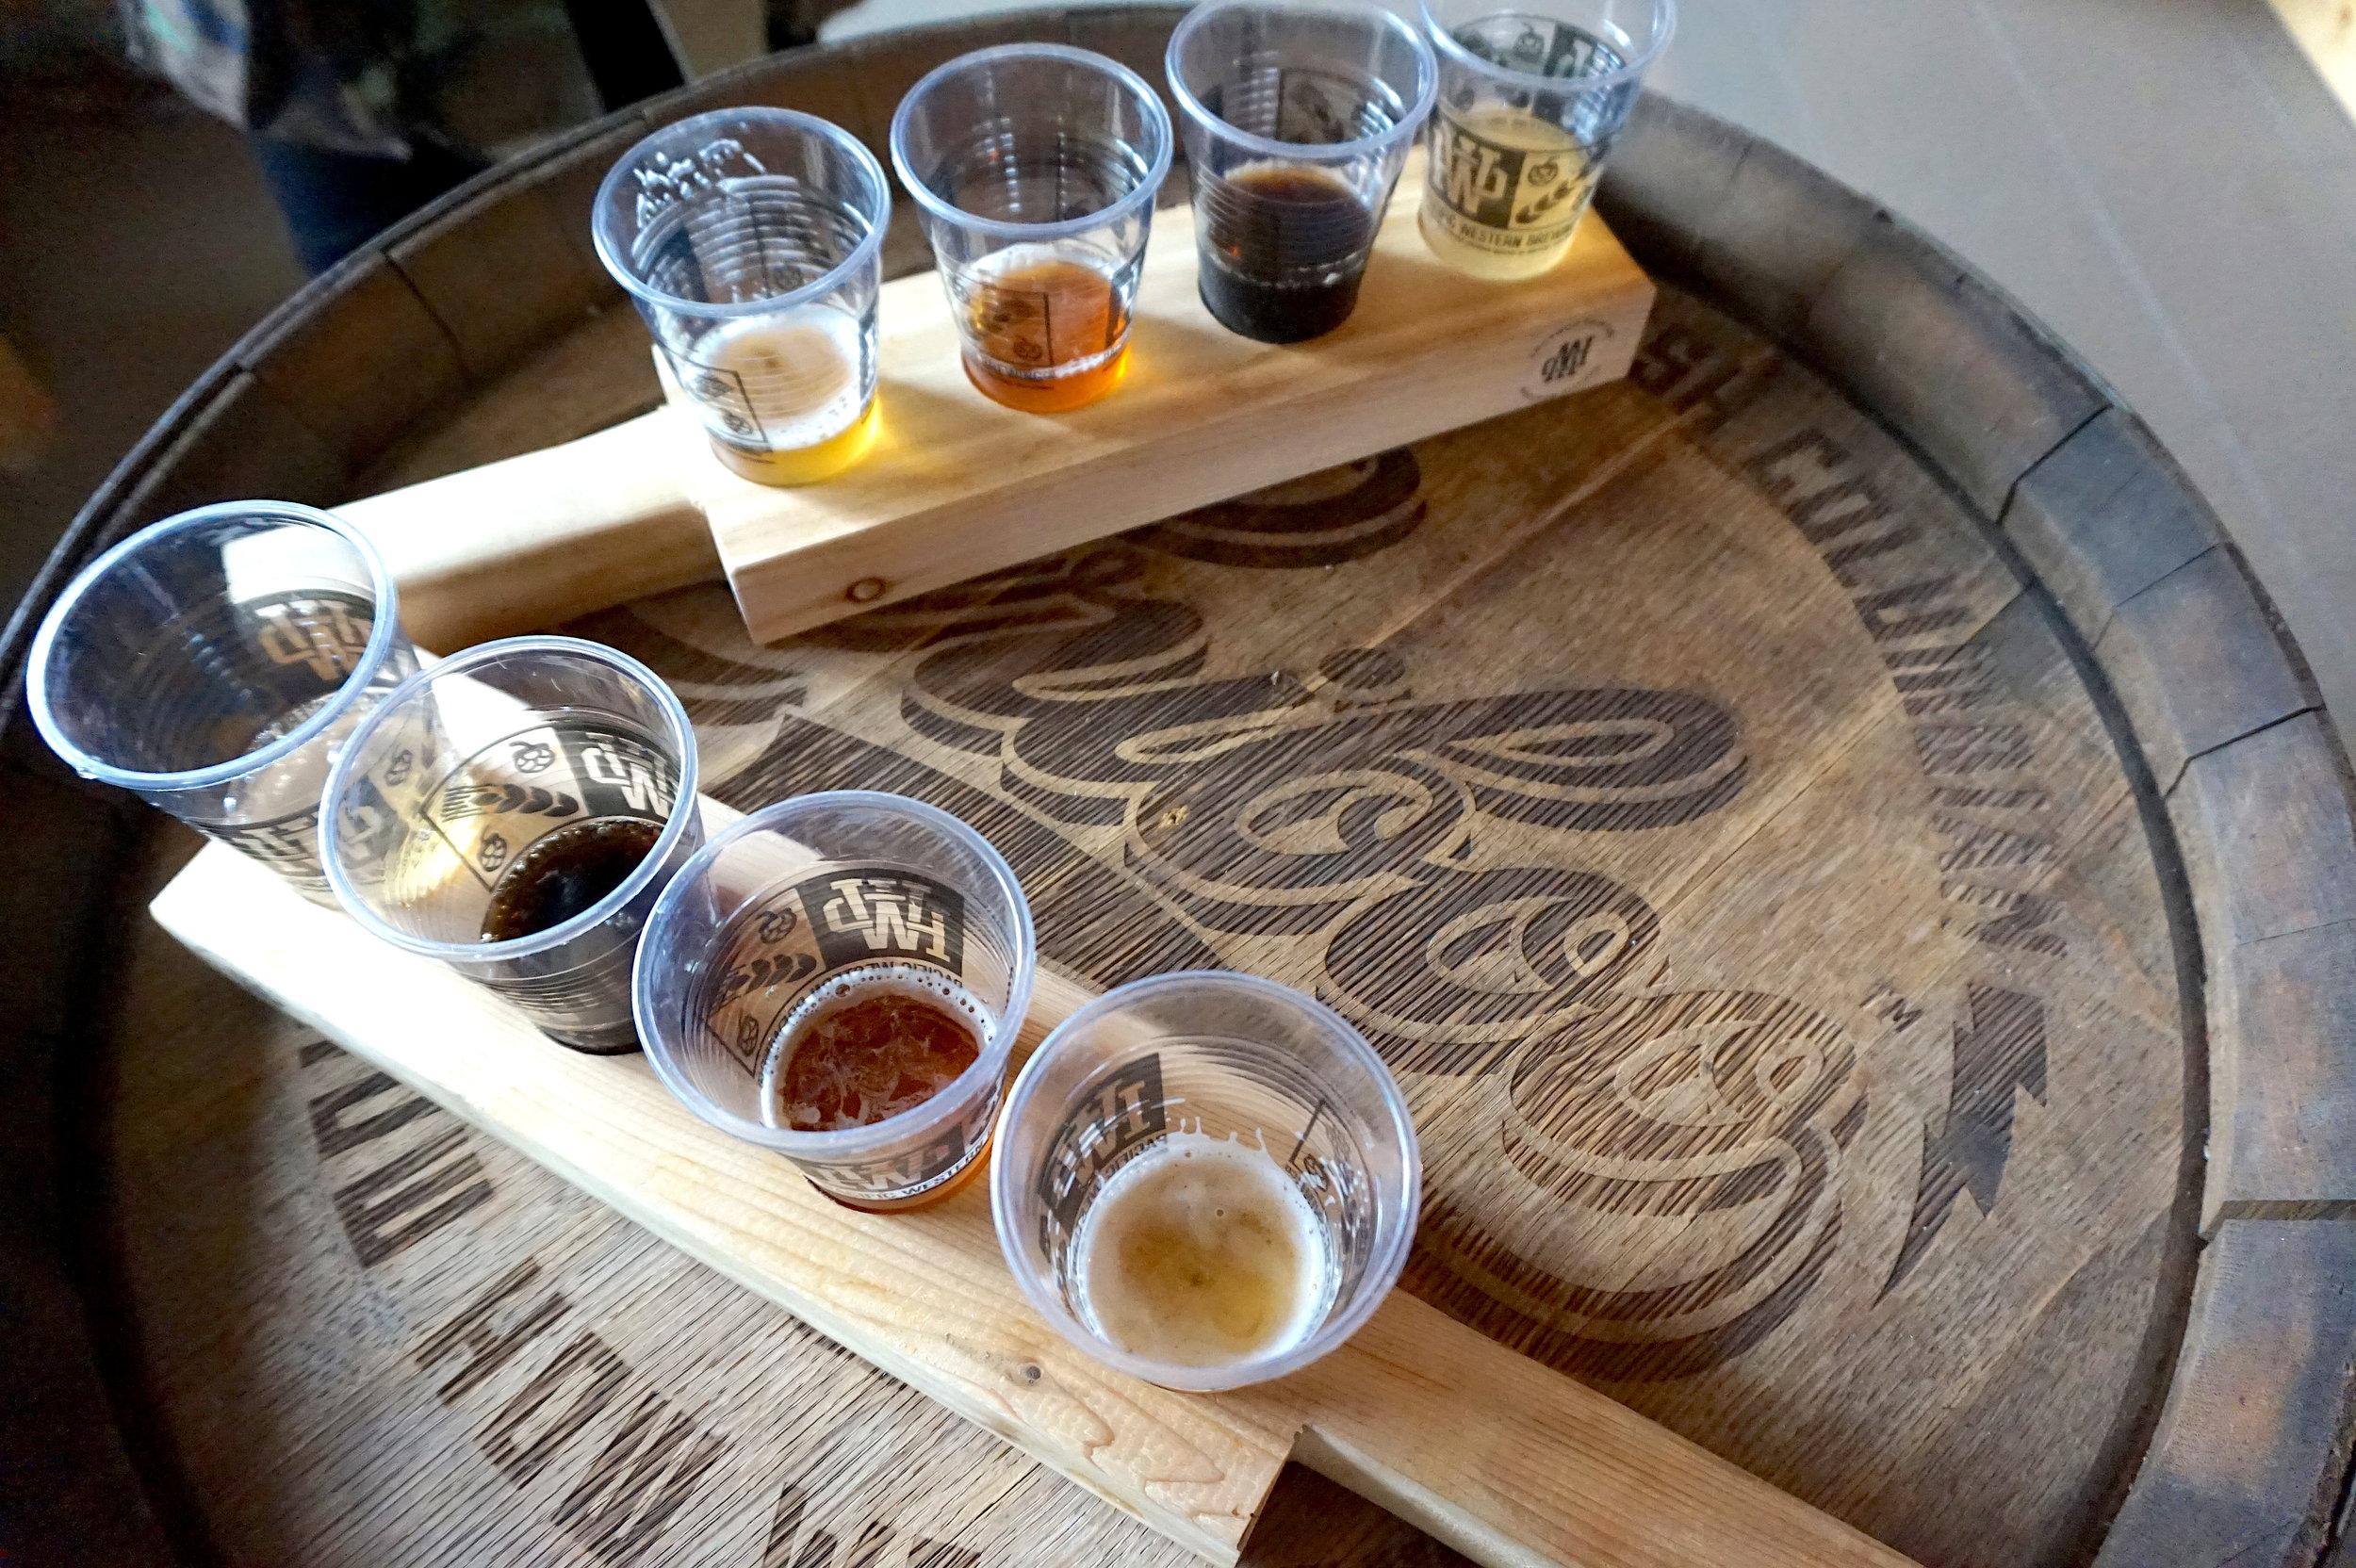 prince george brewery and beer tasting